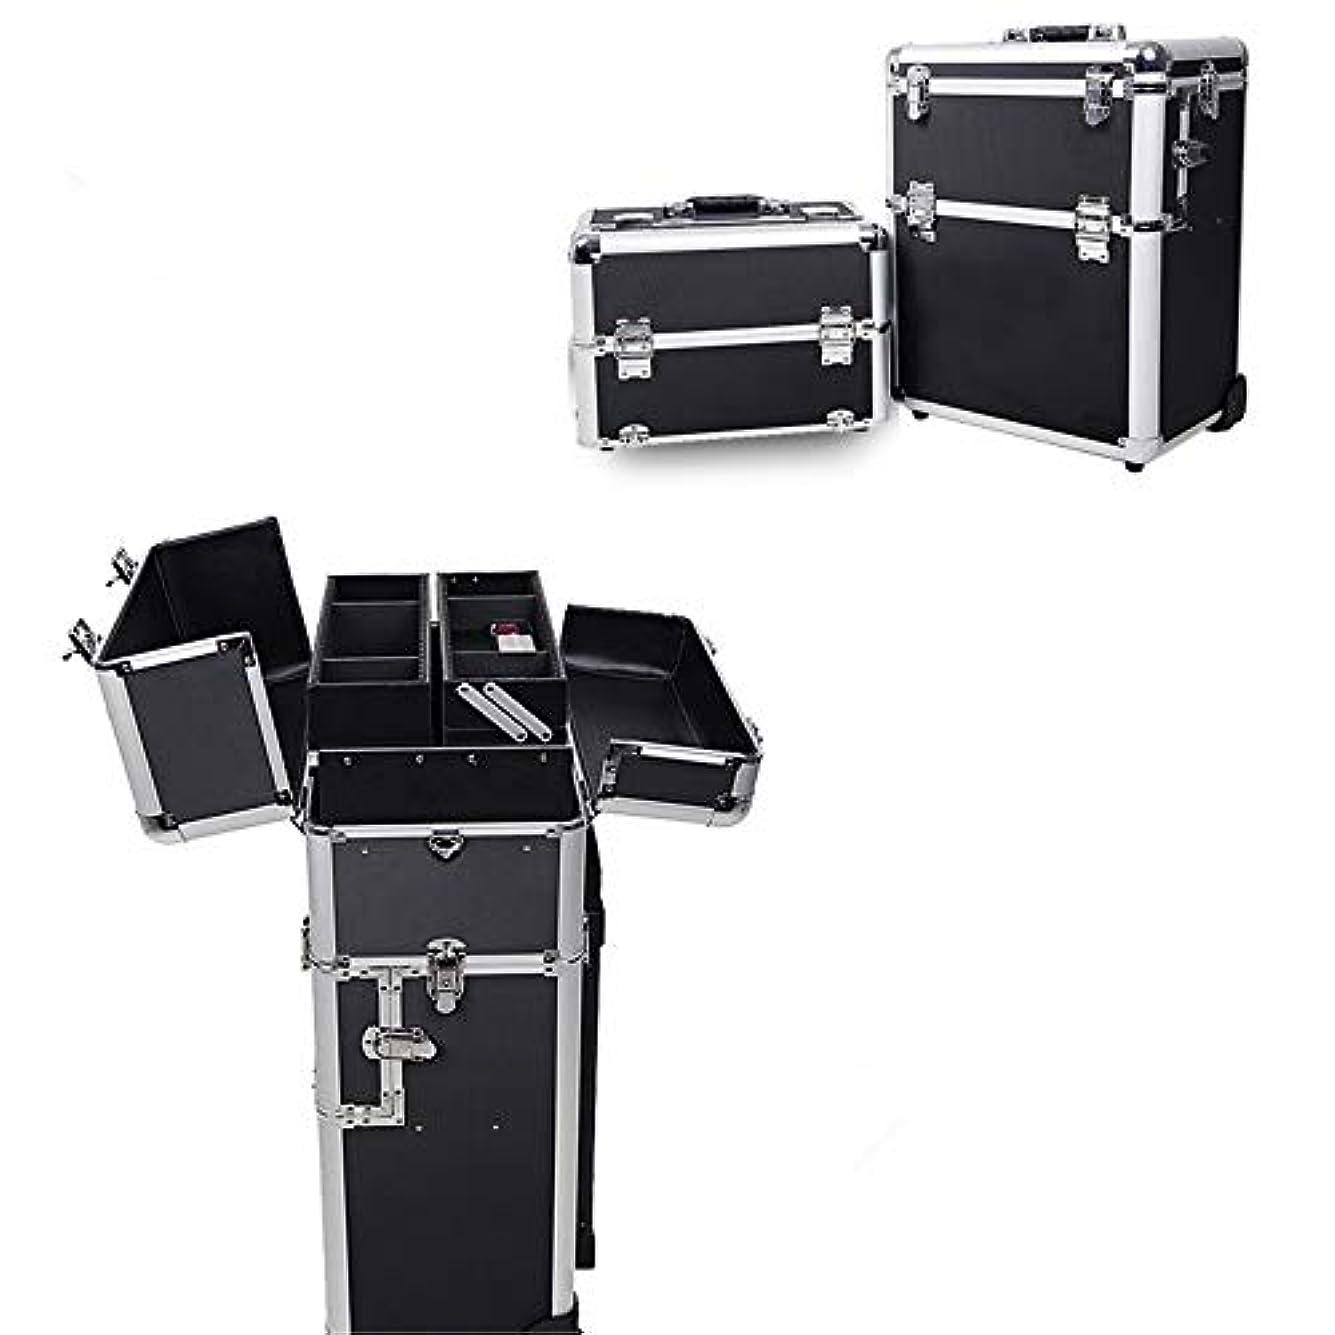 エコースコア別の化粧オーガナイザーバッグ 旅行メイクバッグ3層スーツケースメイク化粧品バッグポータブルトイレタージュ化粧ケース 化粧品ケース